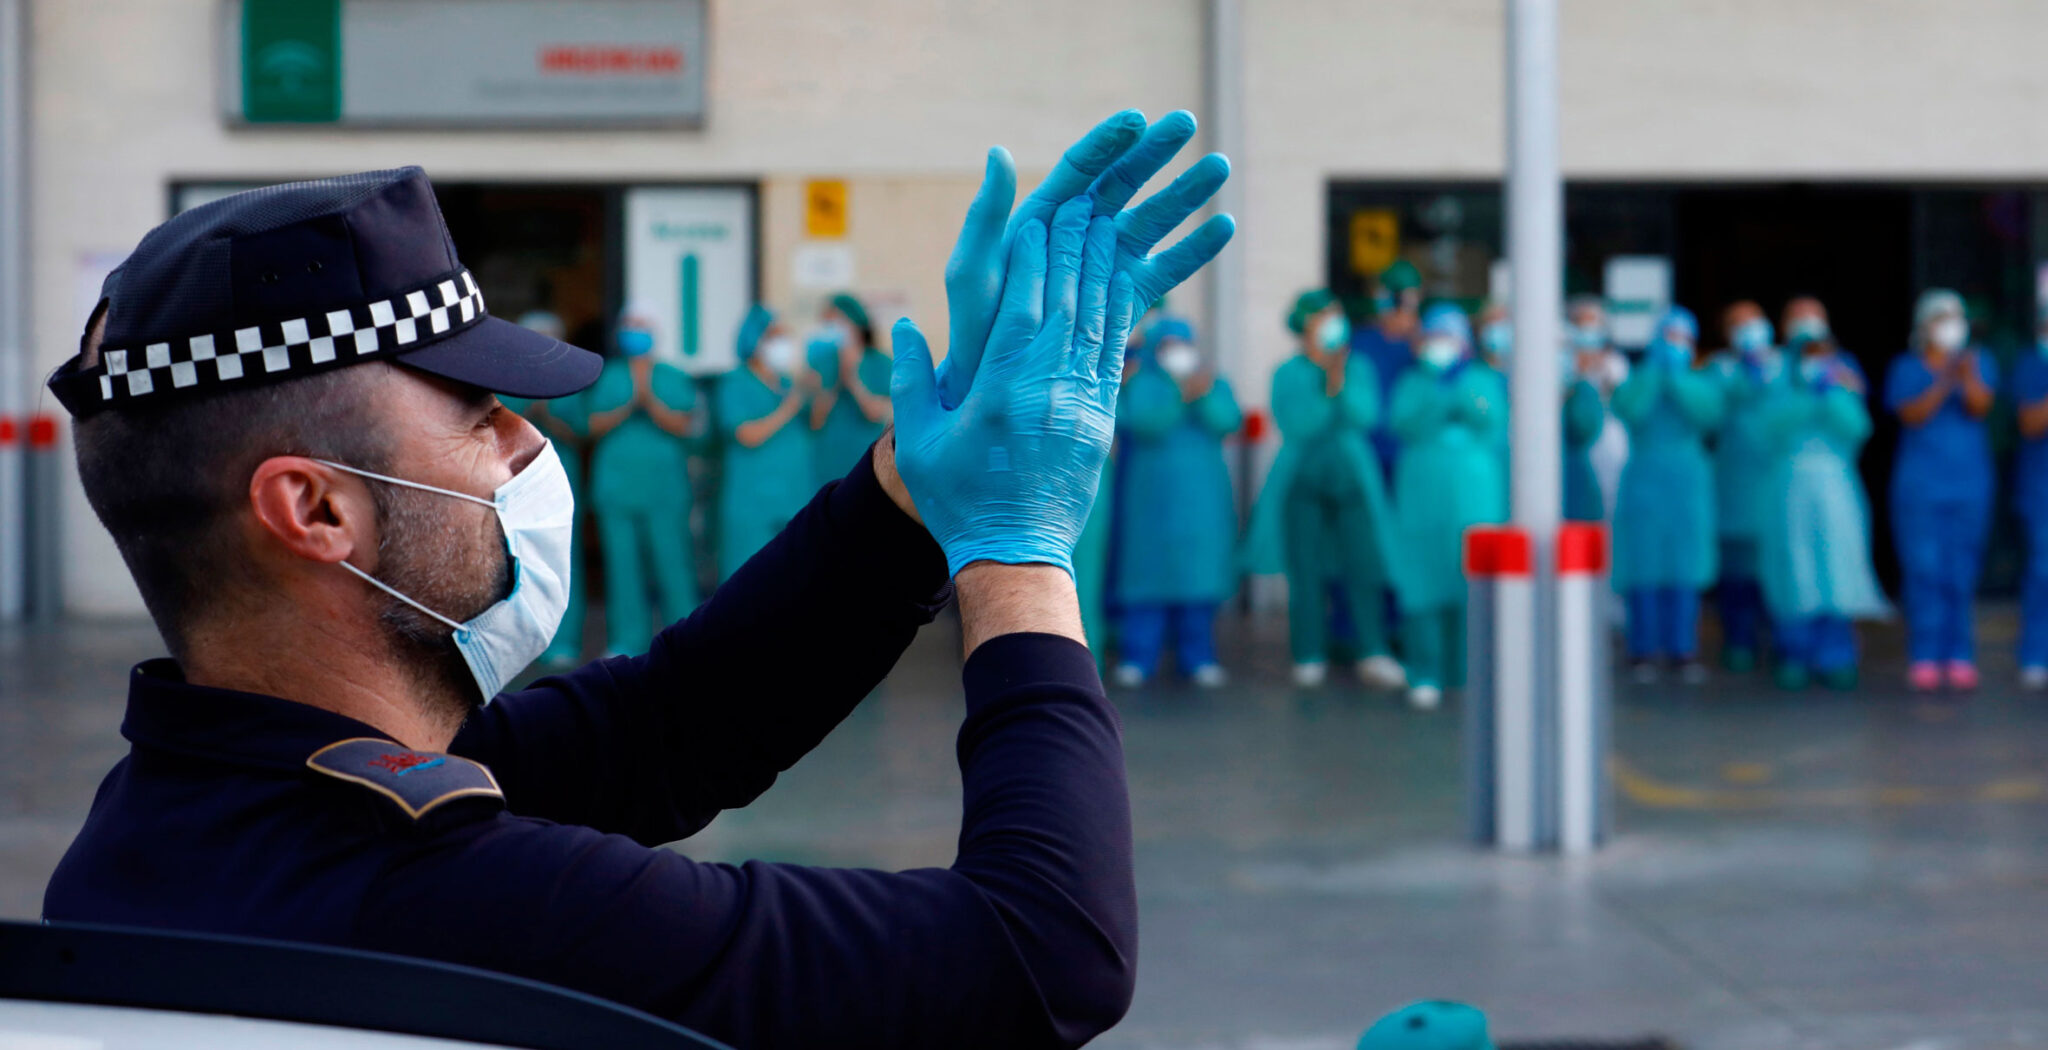 aplausos solidarios a los sanitarios, coronavirus